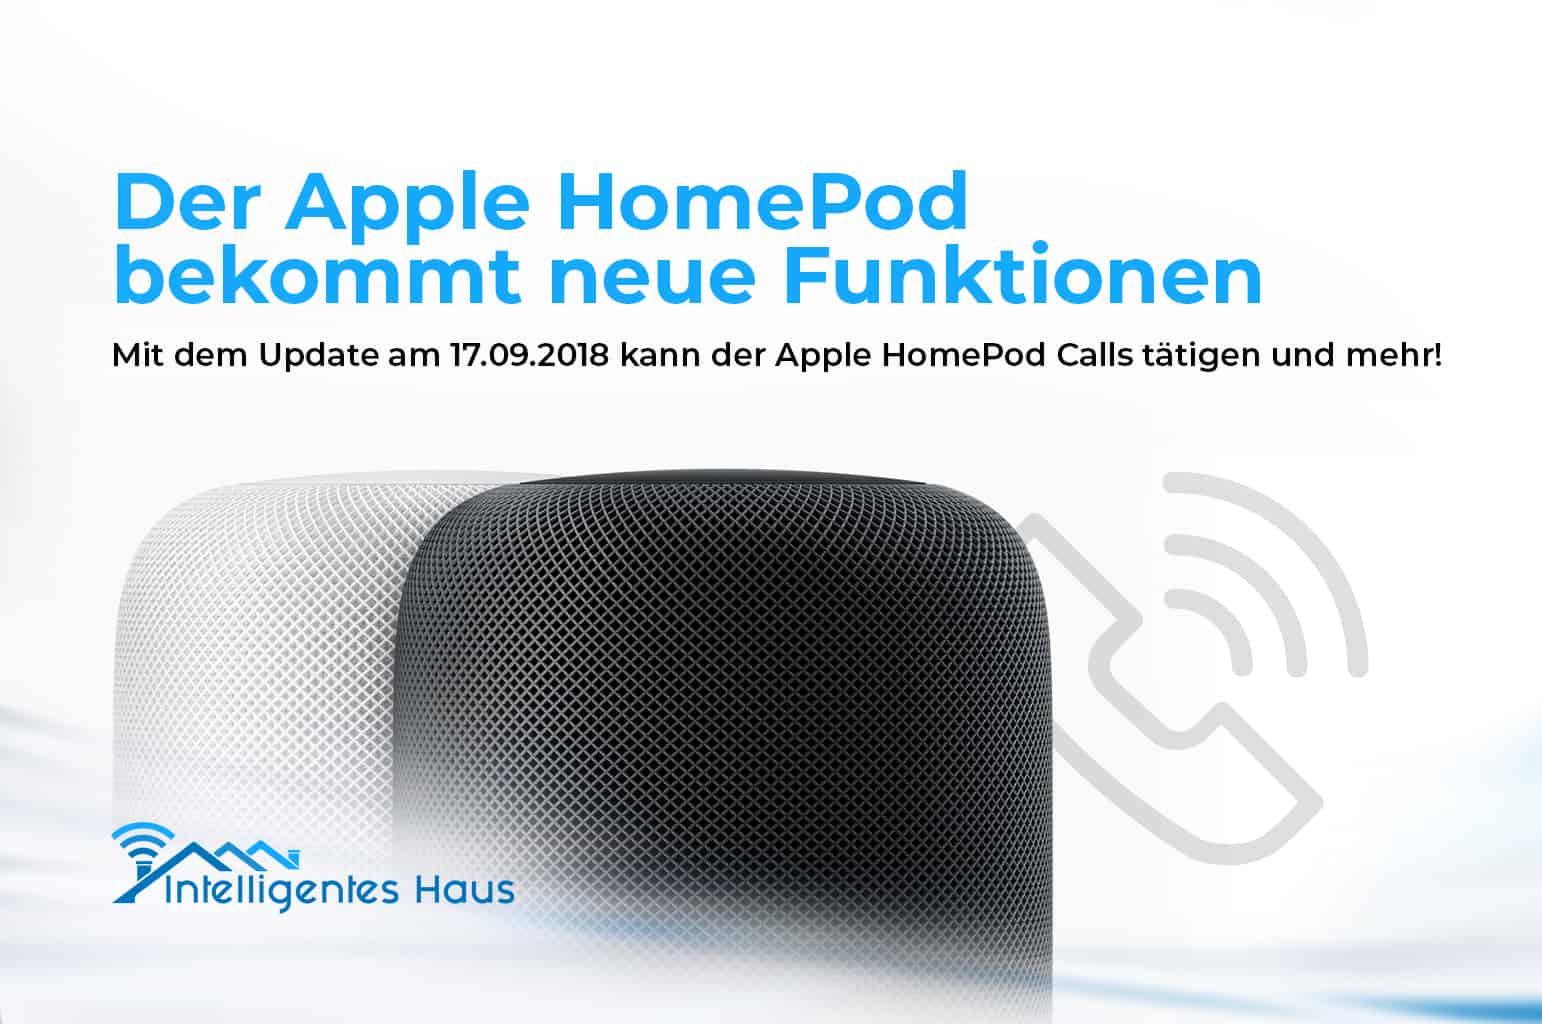 apple homepod bekommt neue funktionen calls werden m glich. Black Bedroom Furniture Sets. Home Design Ideas